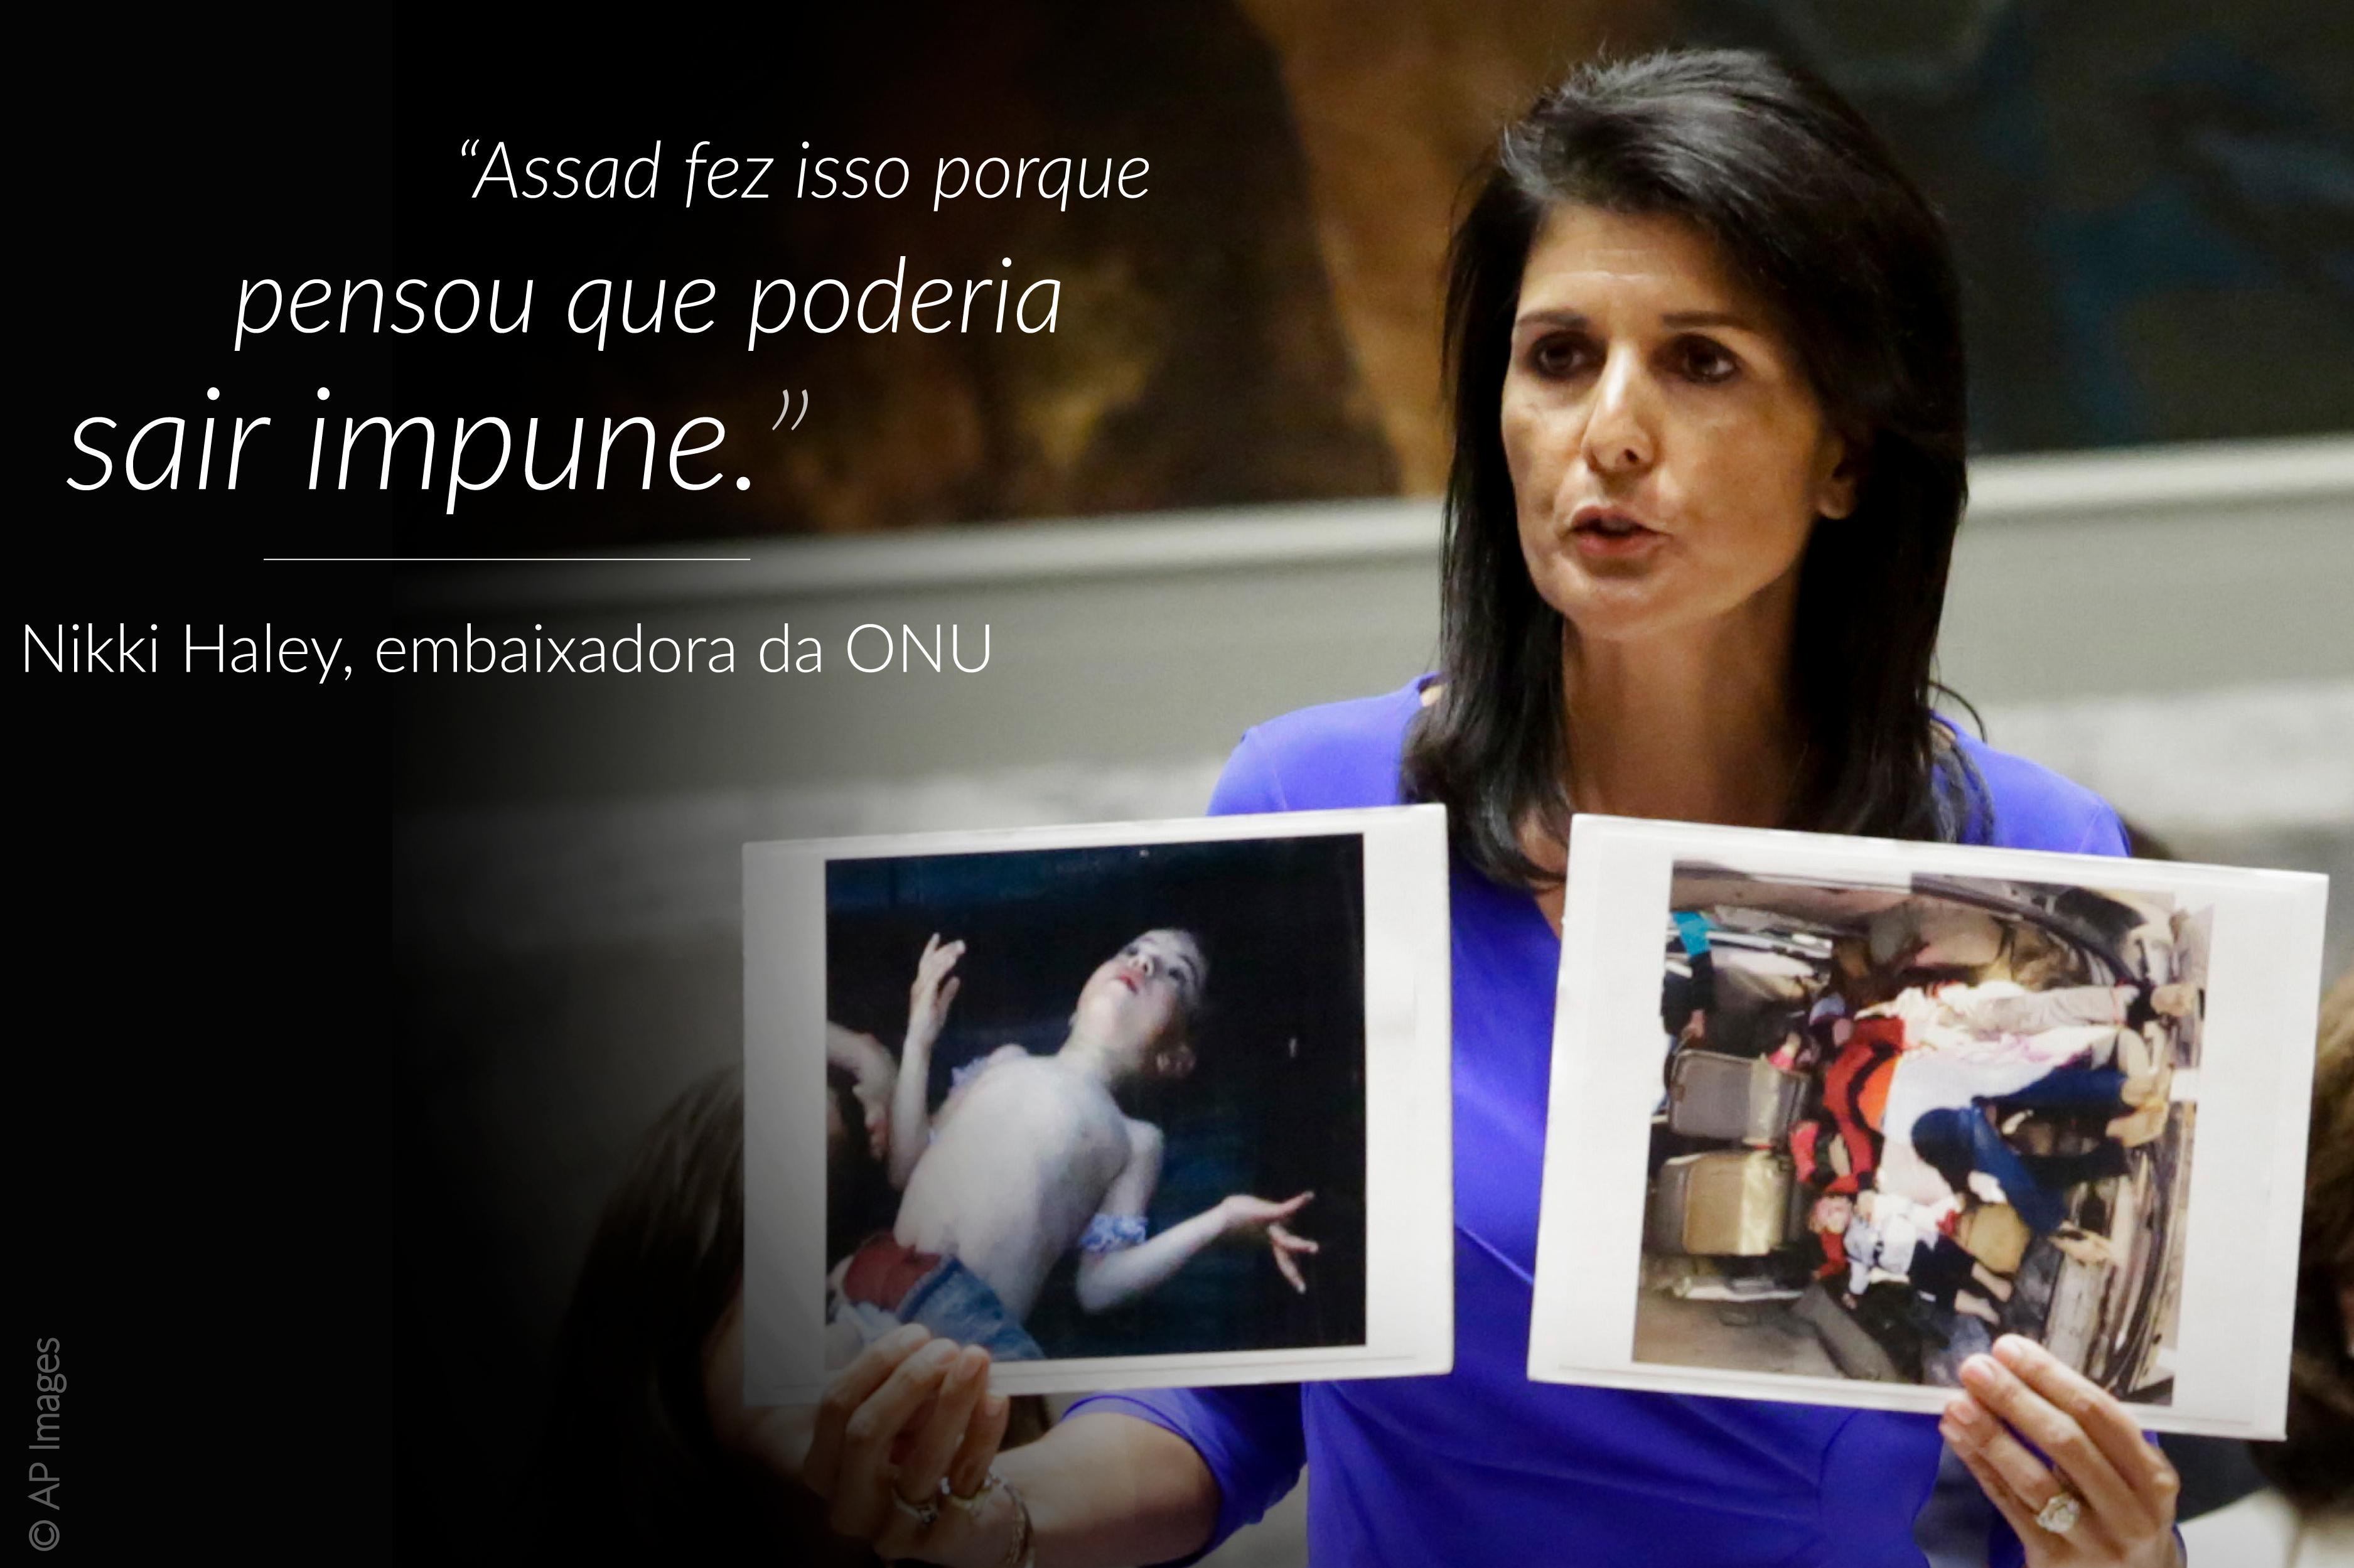 Nikki Haley, representante permanente dos EUA na ONU, com fotos de vítimas de ataque químico; citação sobreposta à esquerda (© AP Images)